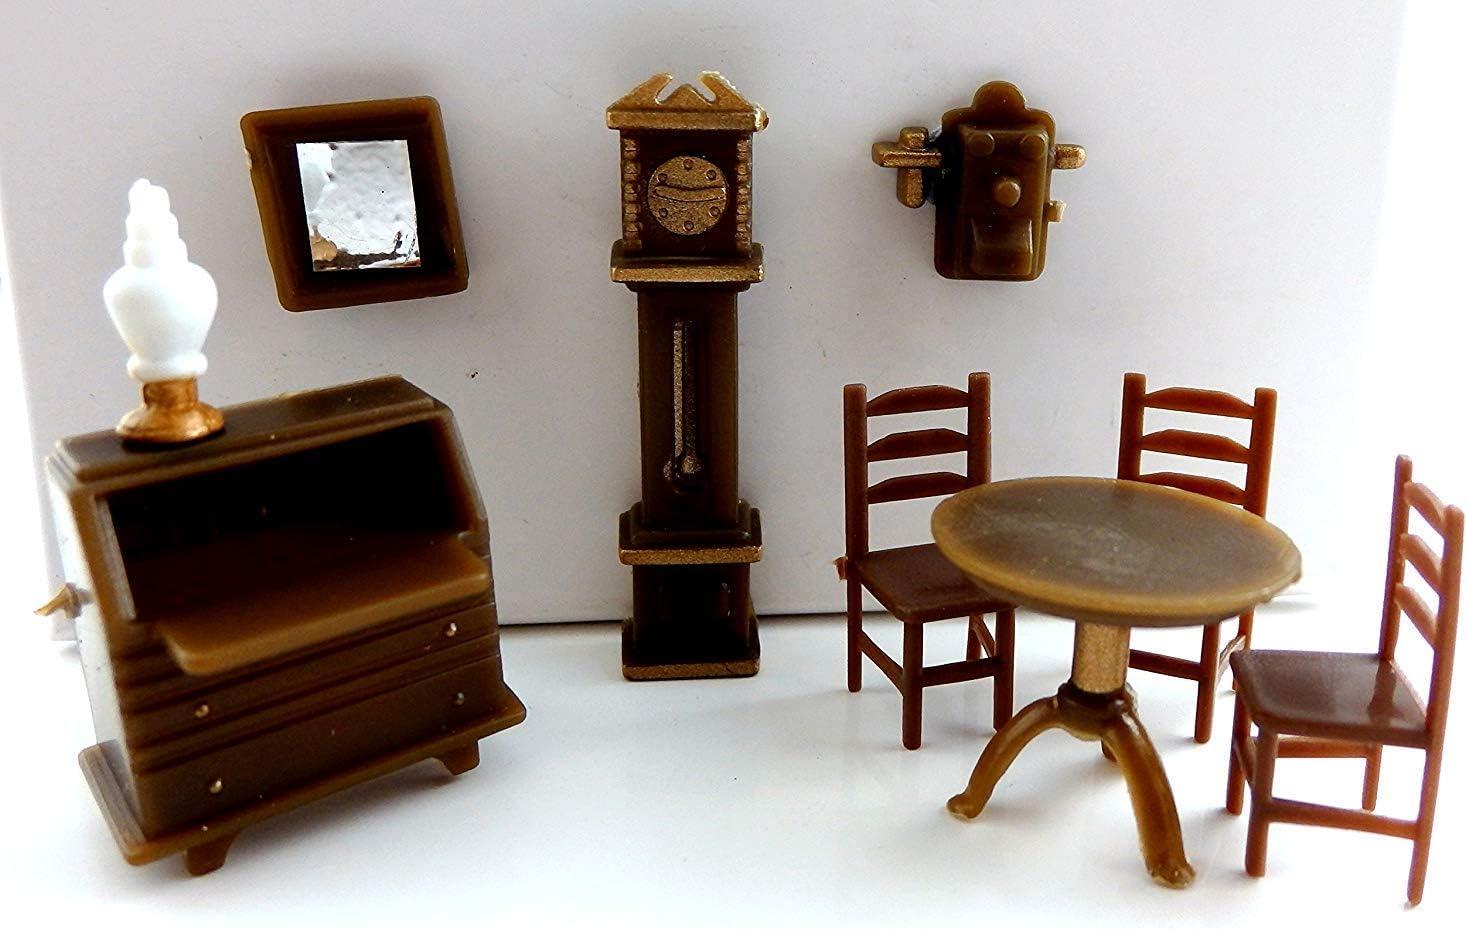 Melody Jane maison de poupées miniature 1:48 en plastique étude Bureau Ensemble de meubles